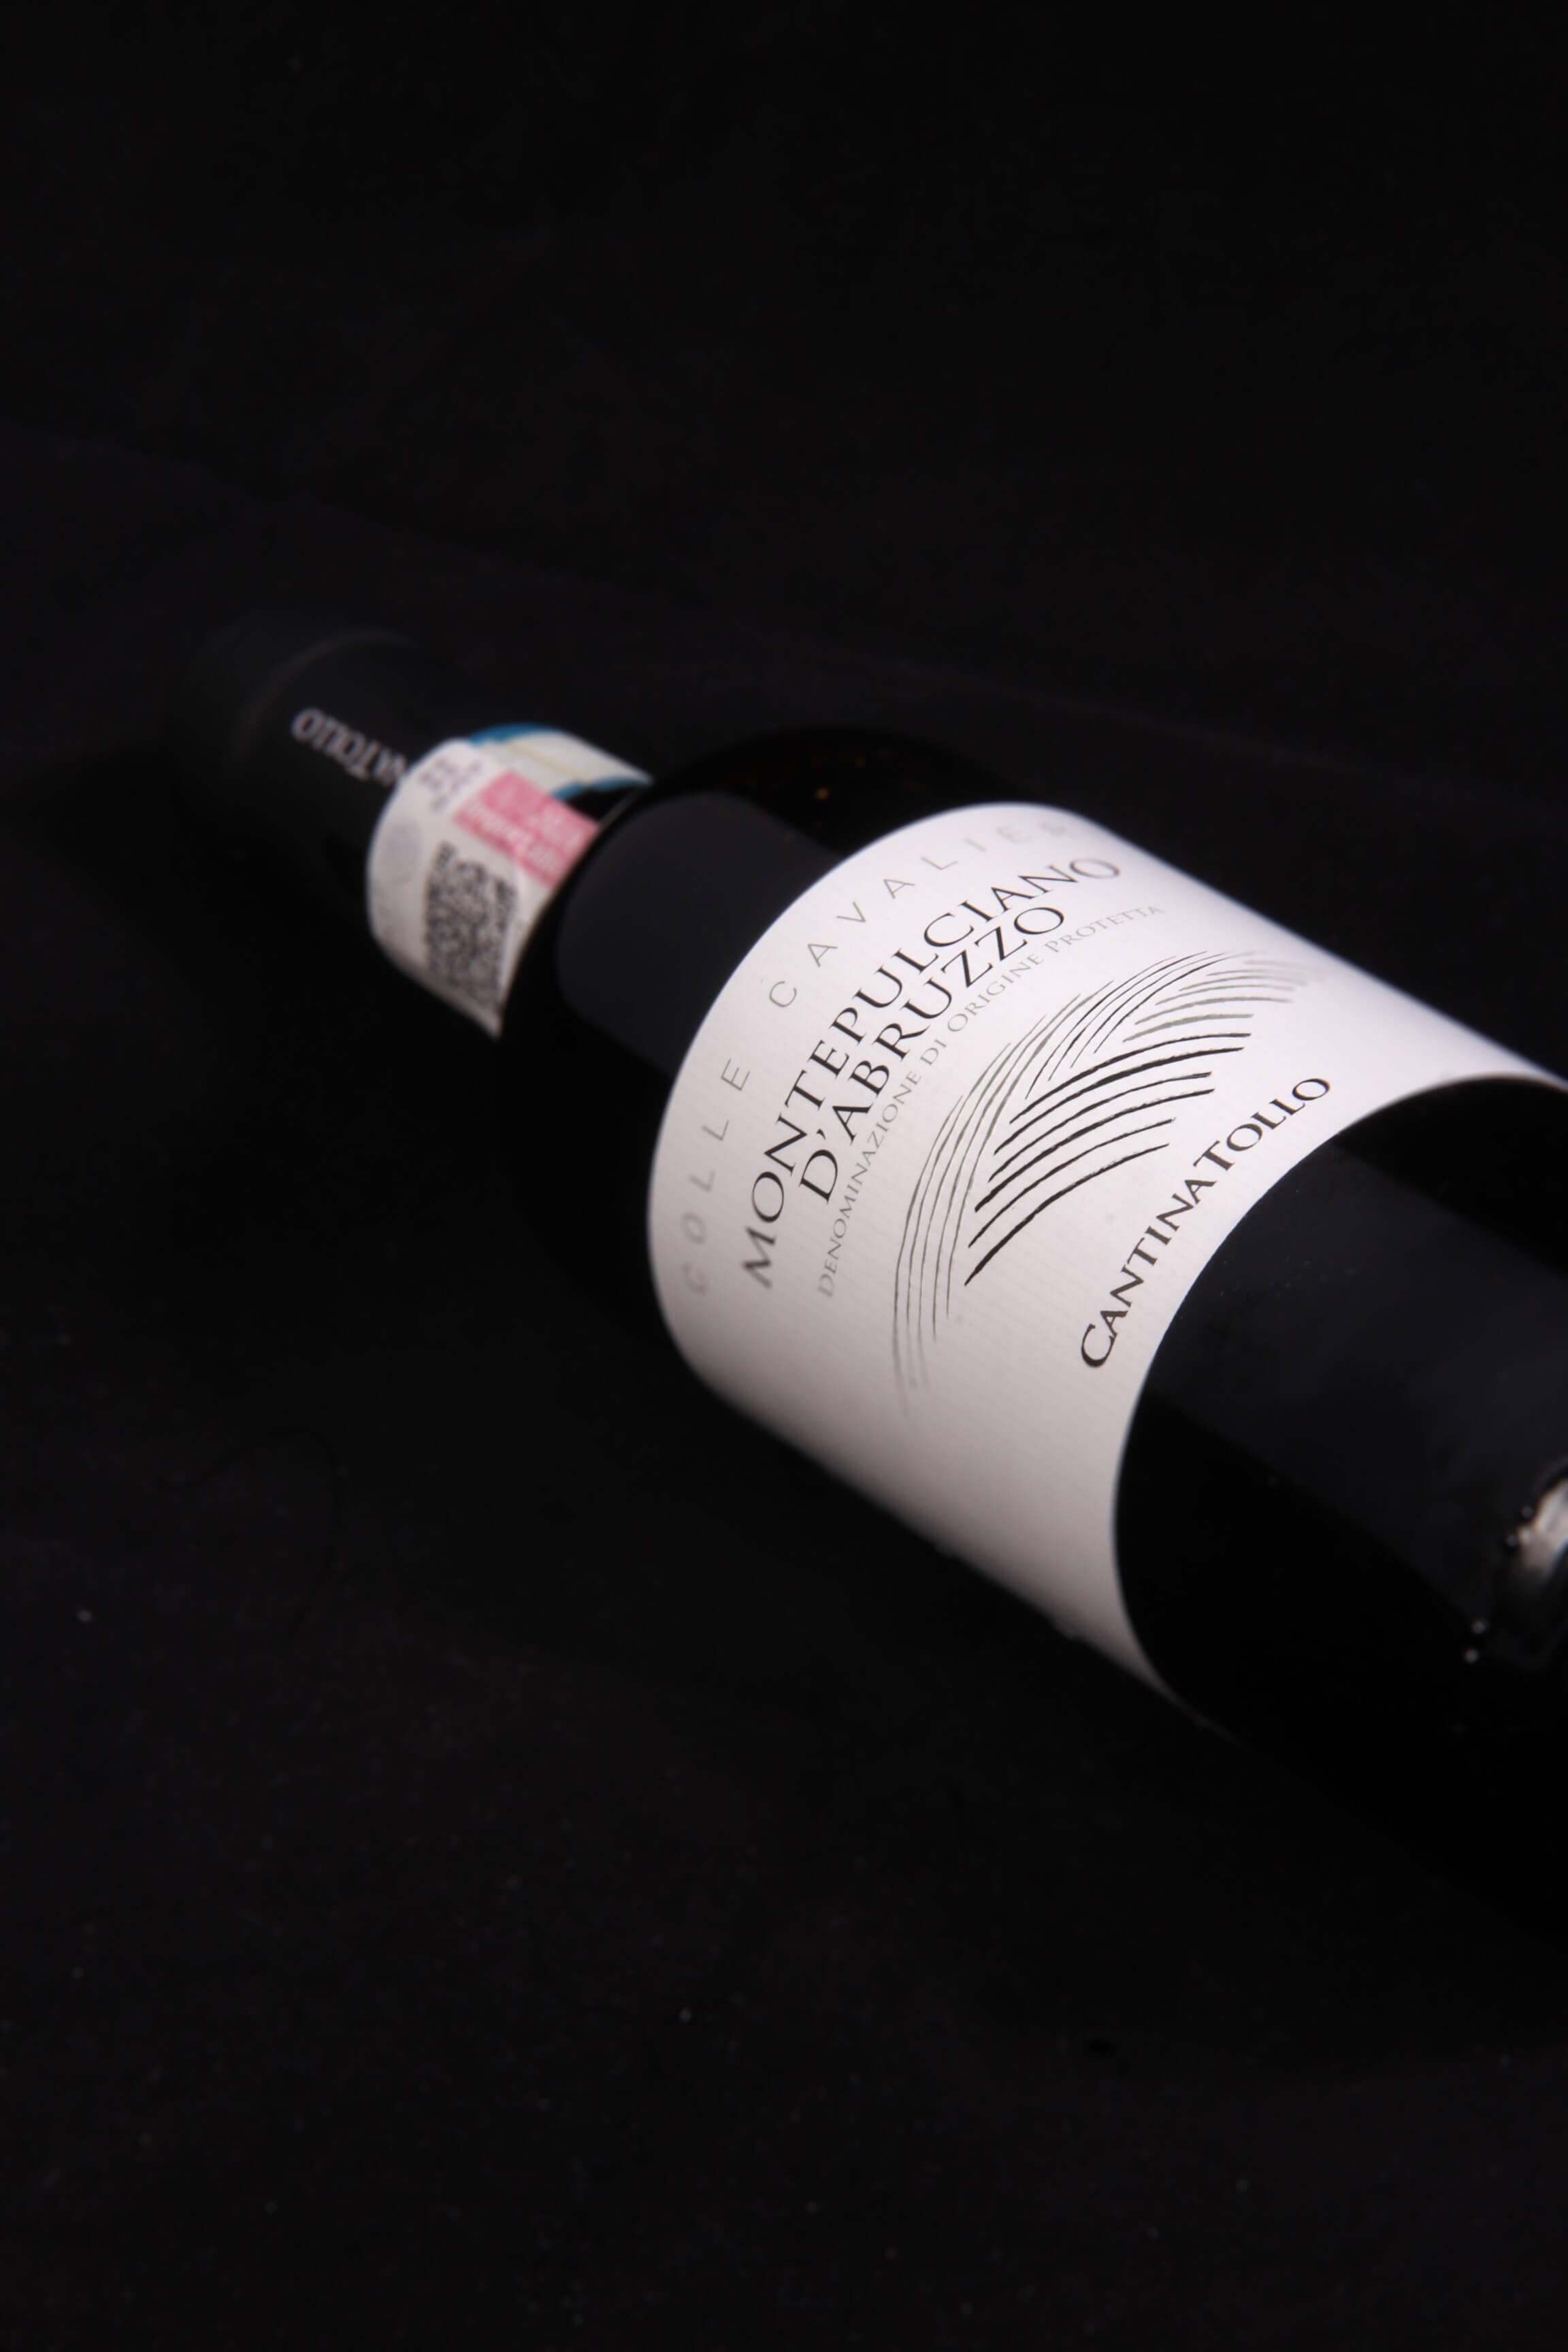 vino_nostrum-importadora_de_vinos_y_alimentos_ok42